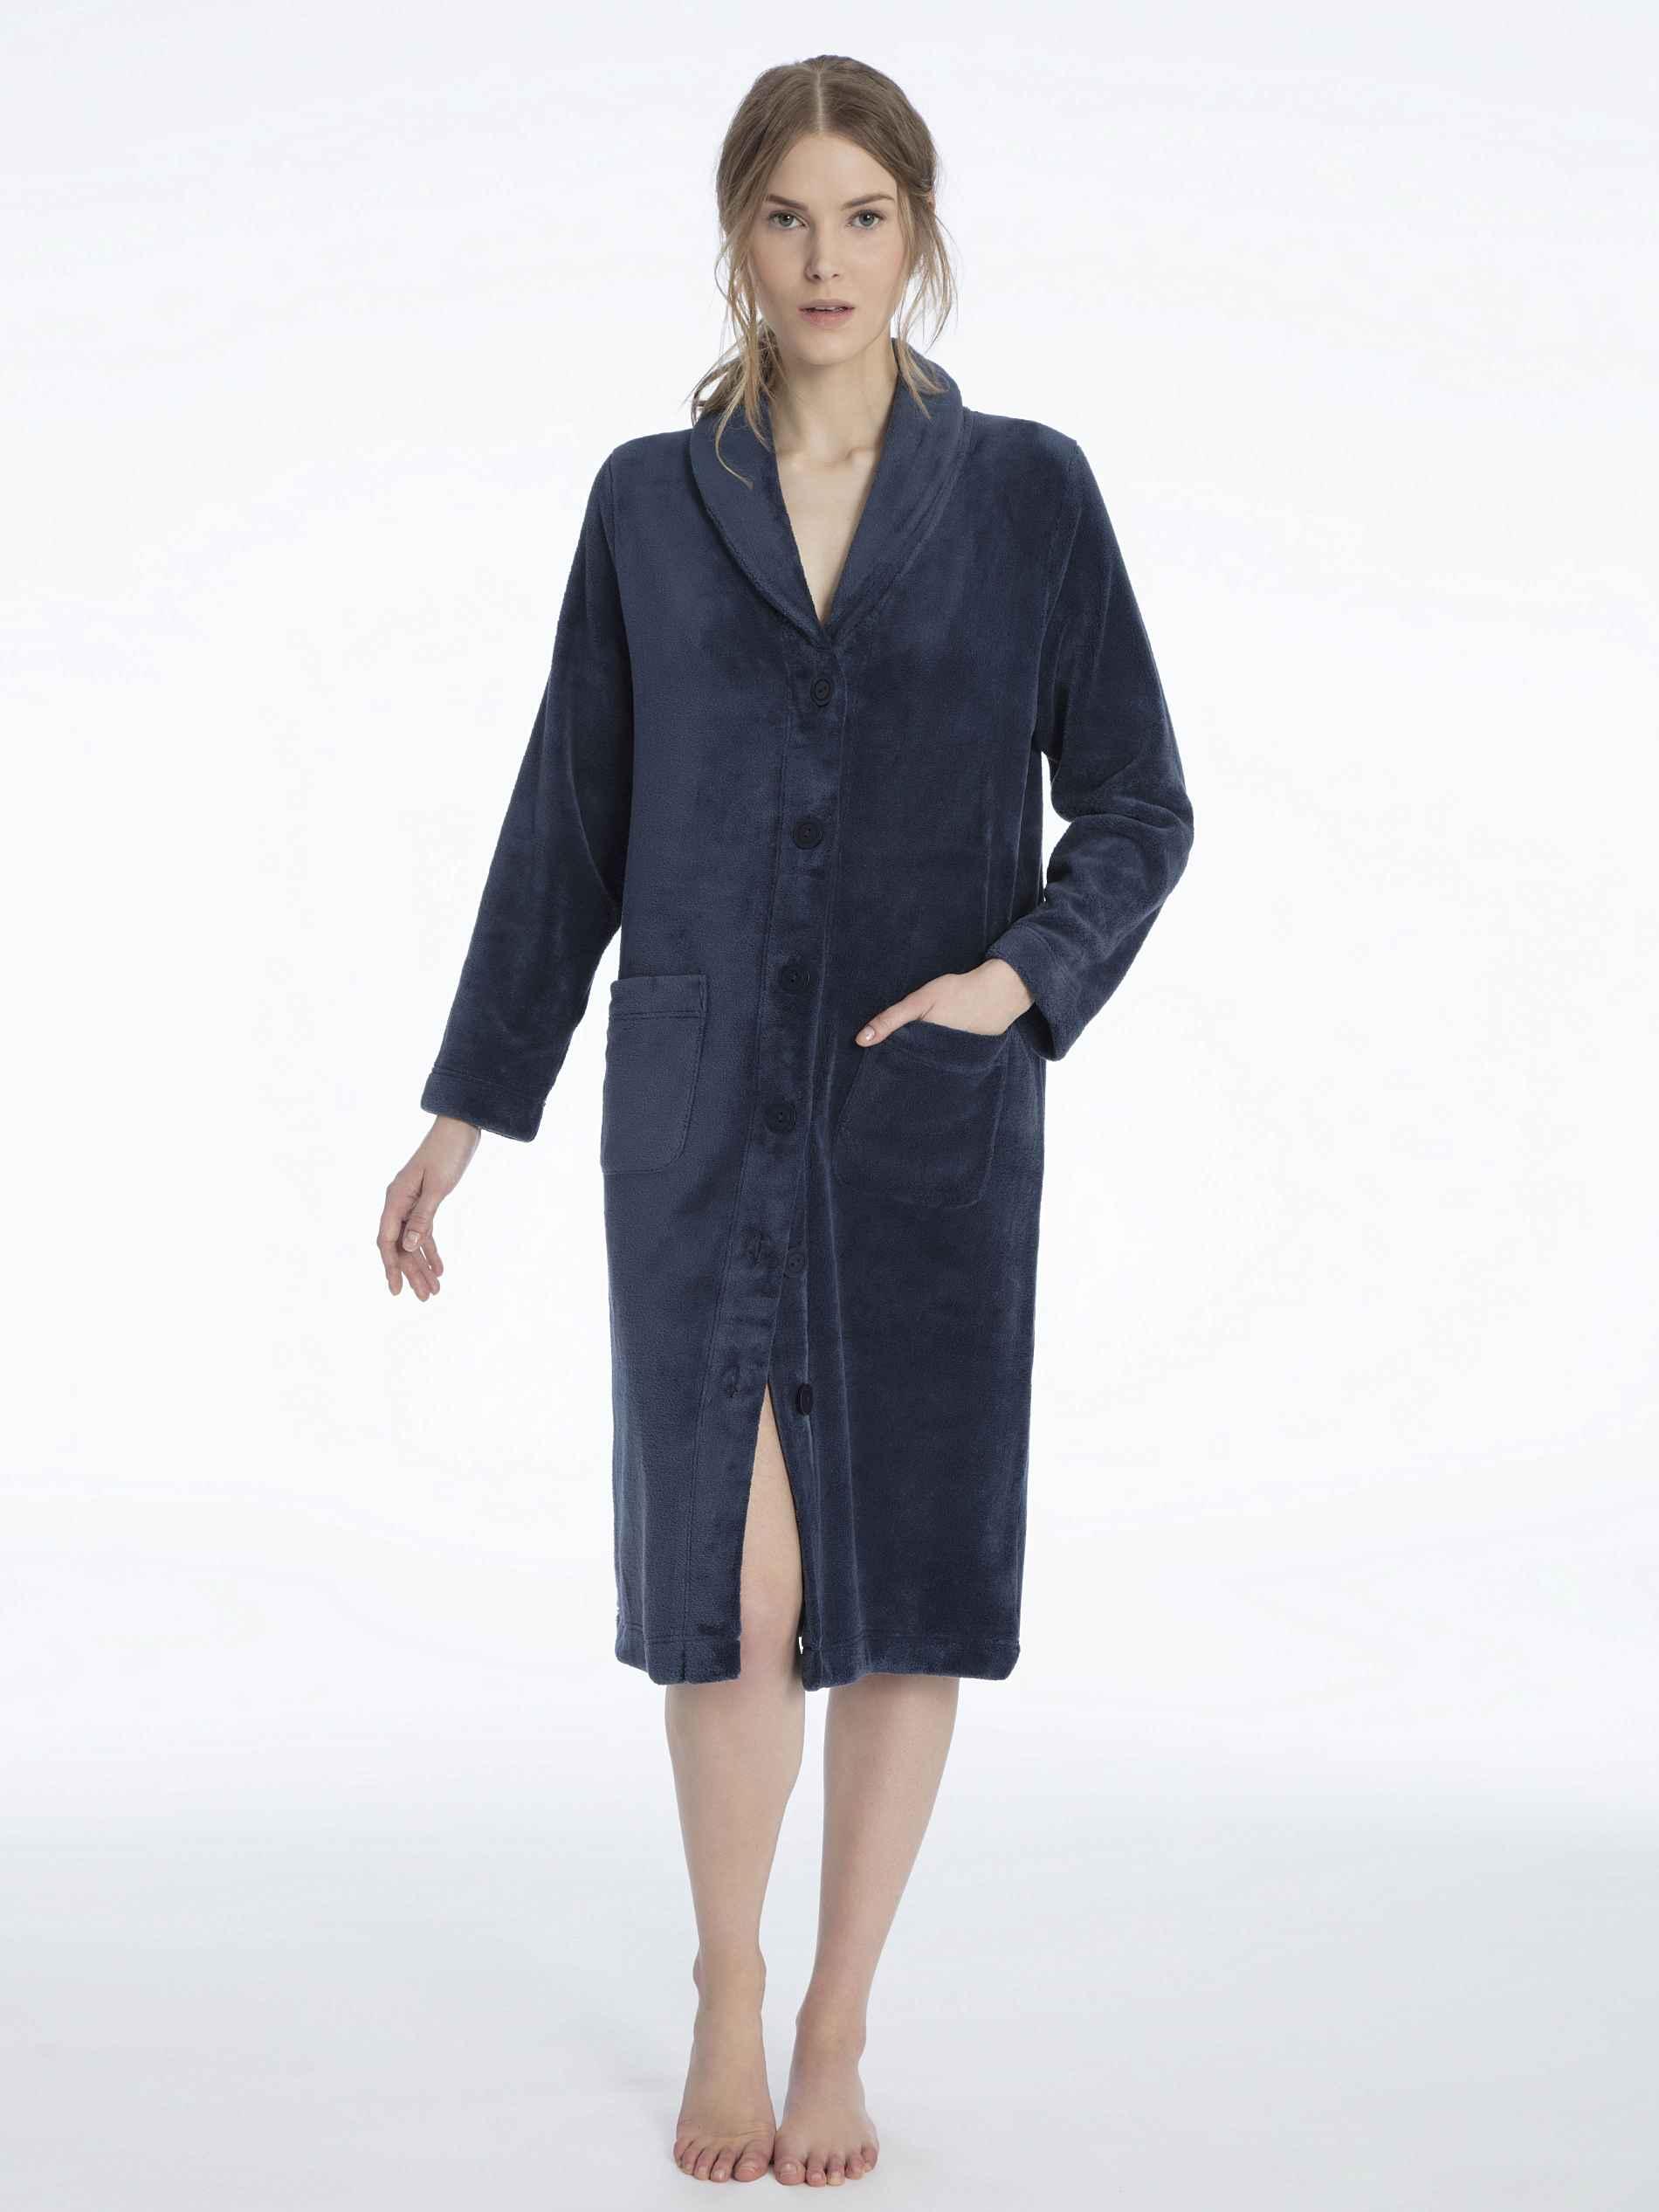 Damen CALIDA Tilda Fleece-Kimono, geknöpft Länge 110cm blau   07613381051429